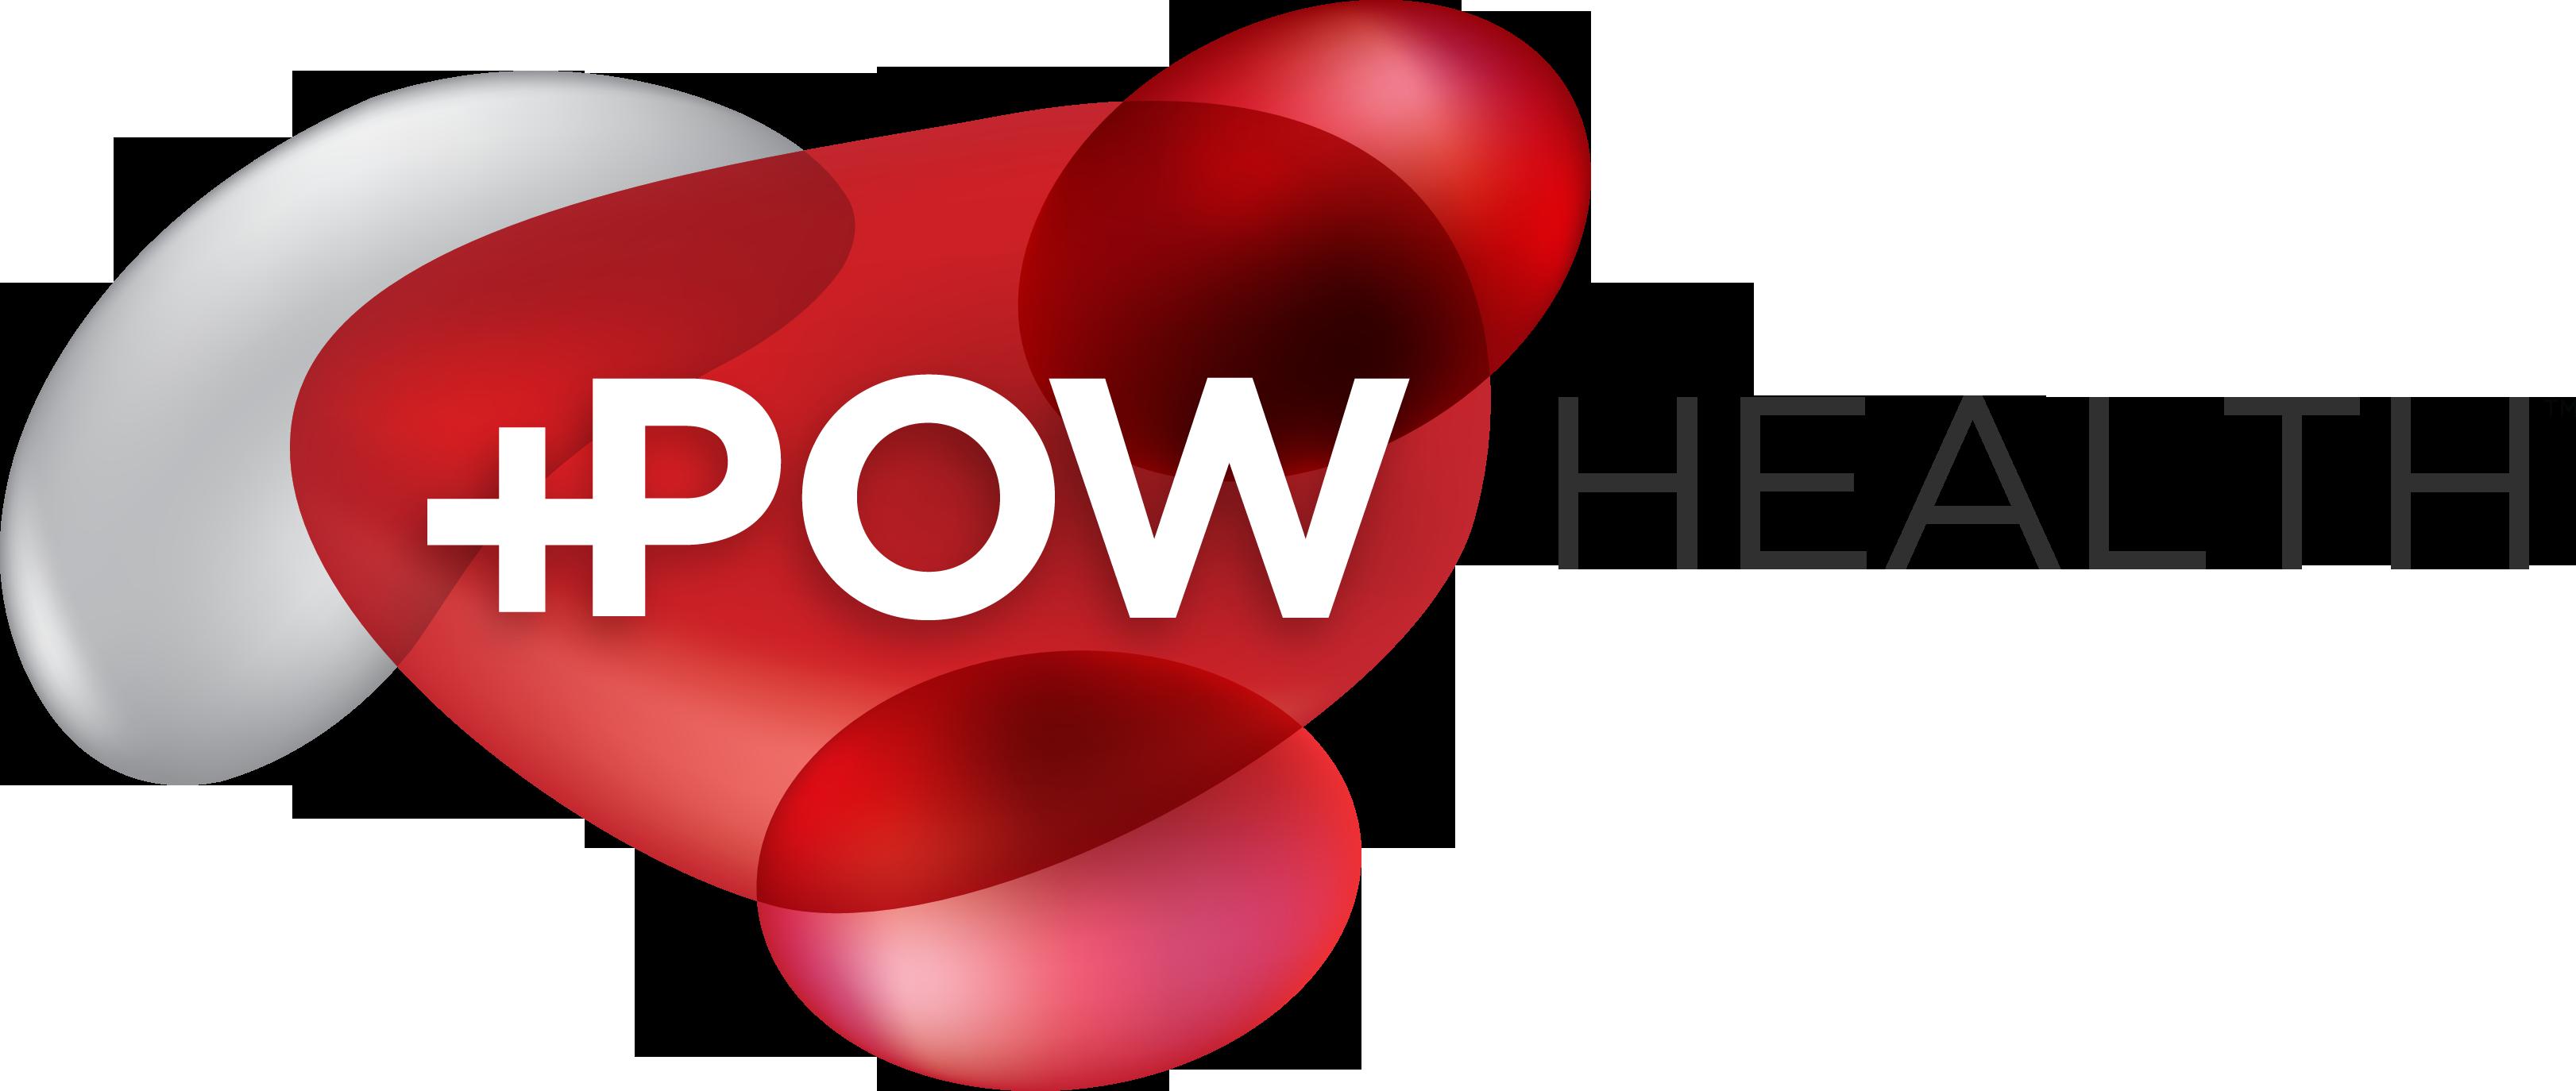 Powhealth.com